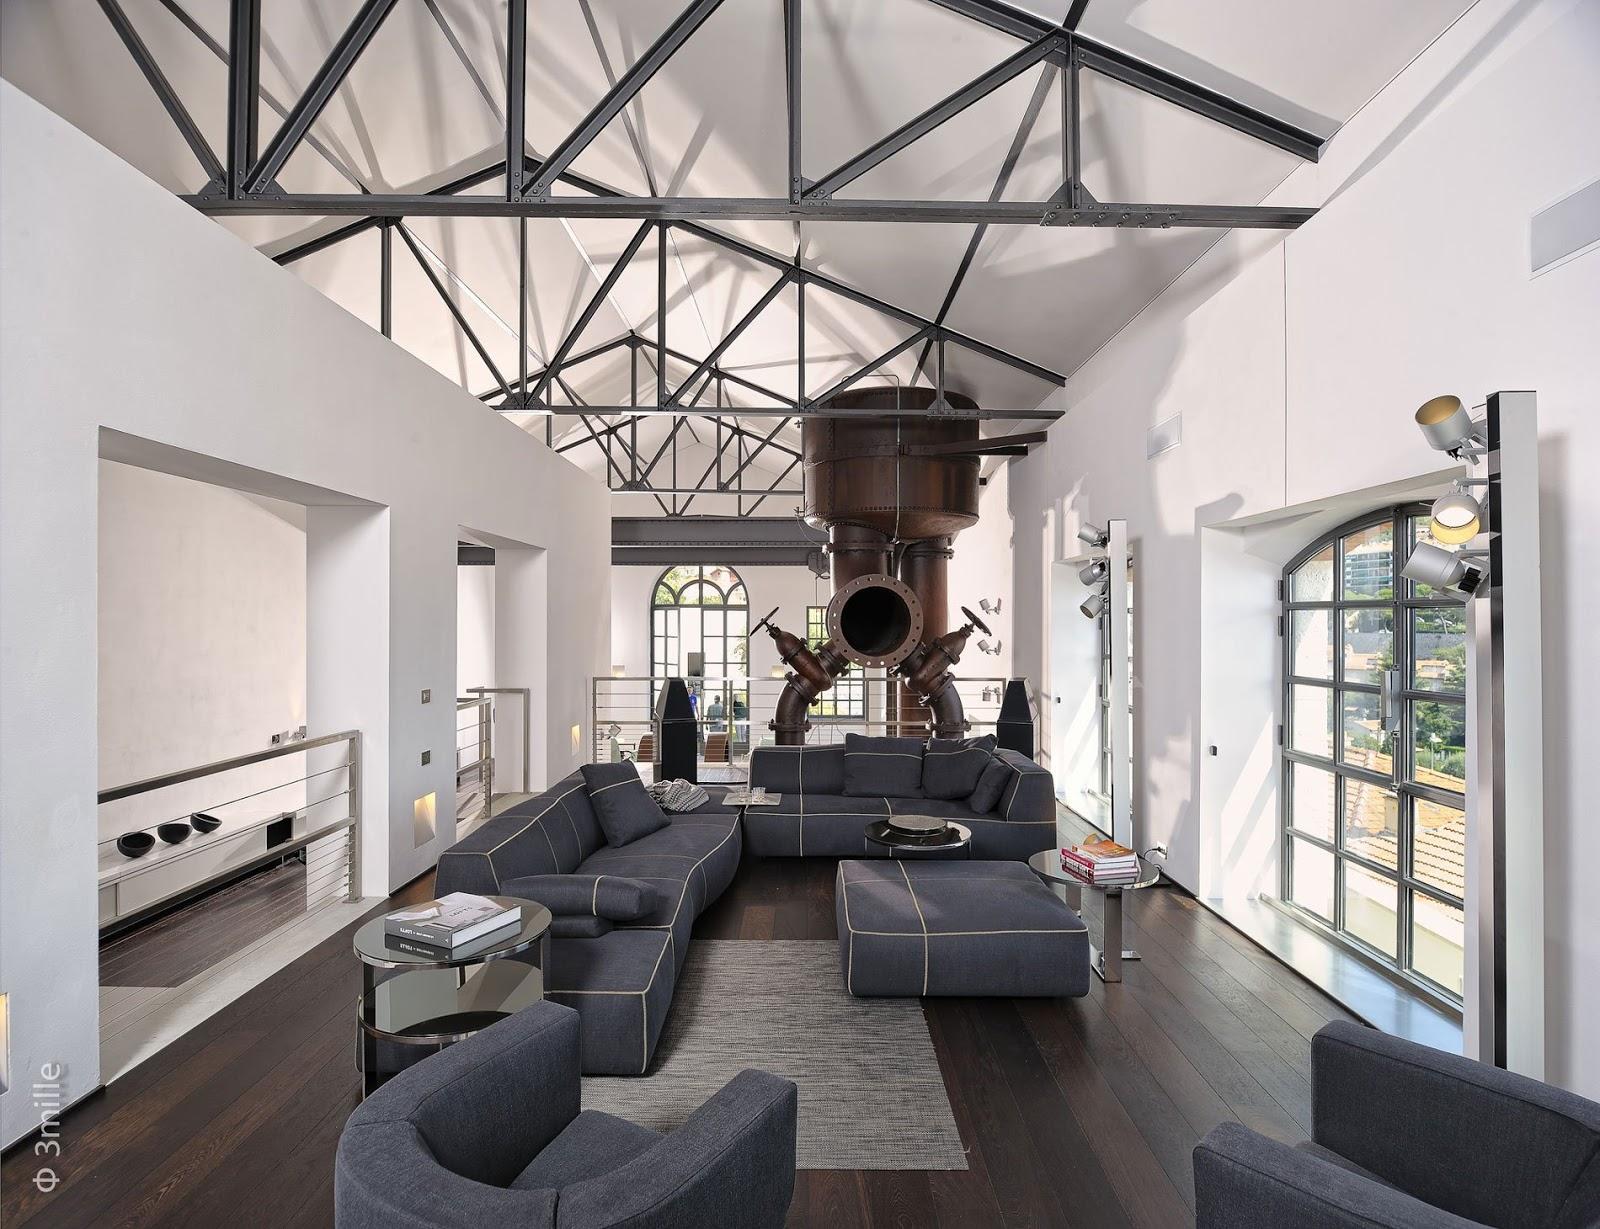 palme wohnzimmer überwintern – Dumss.com